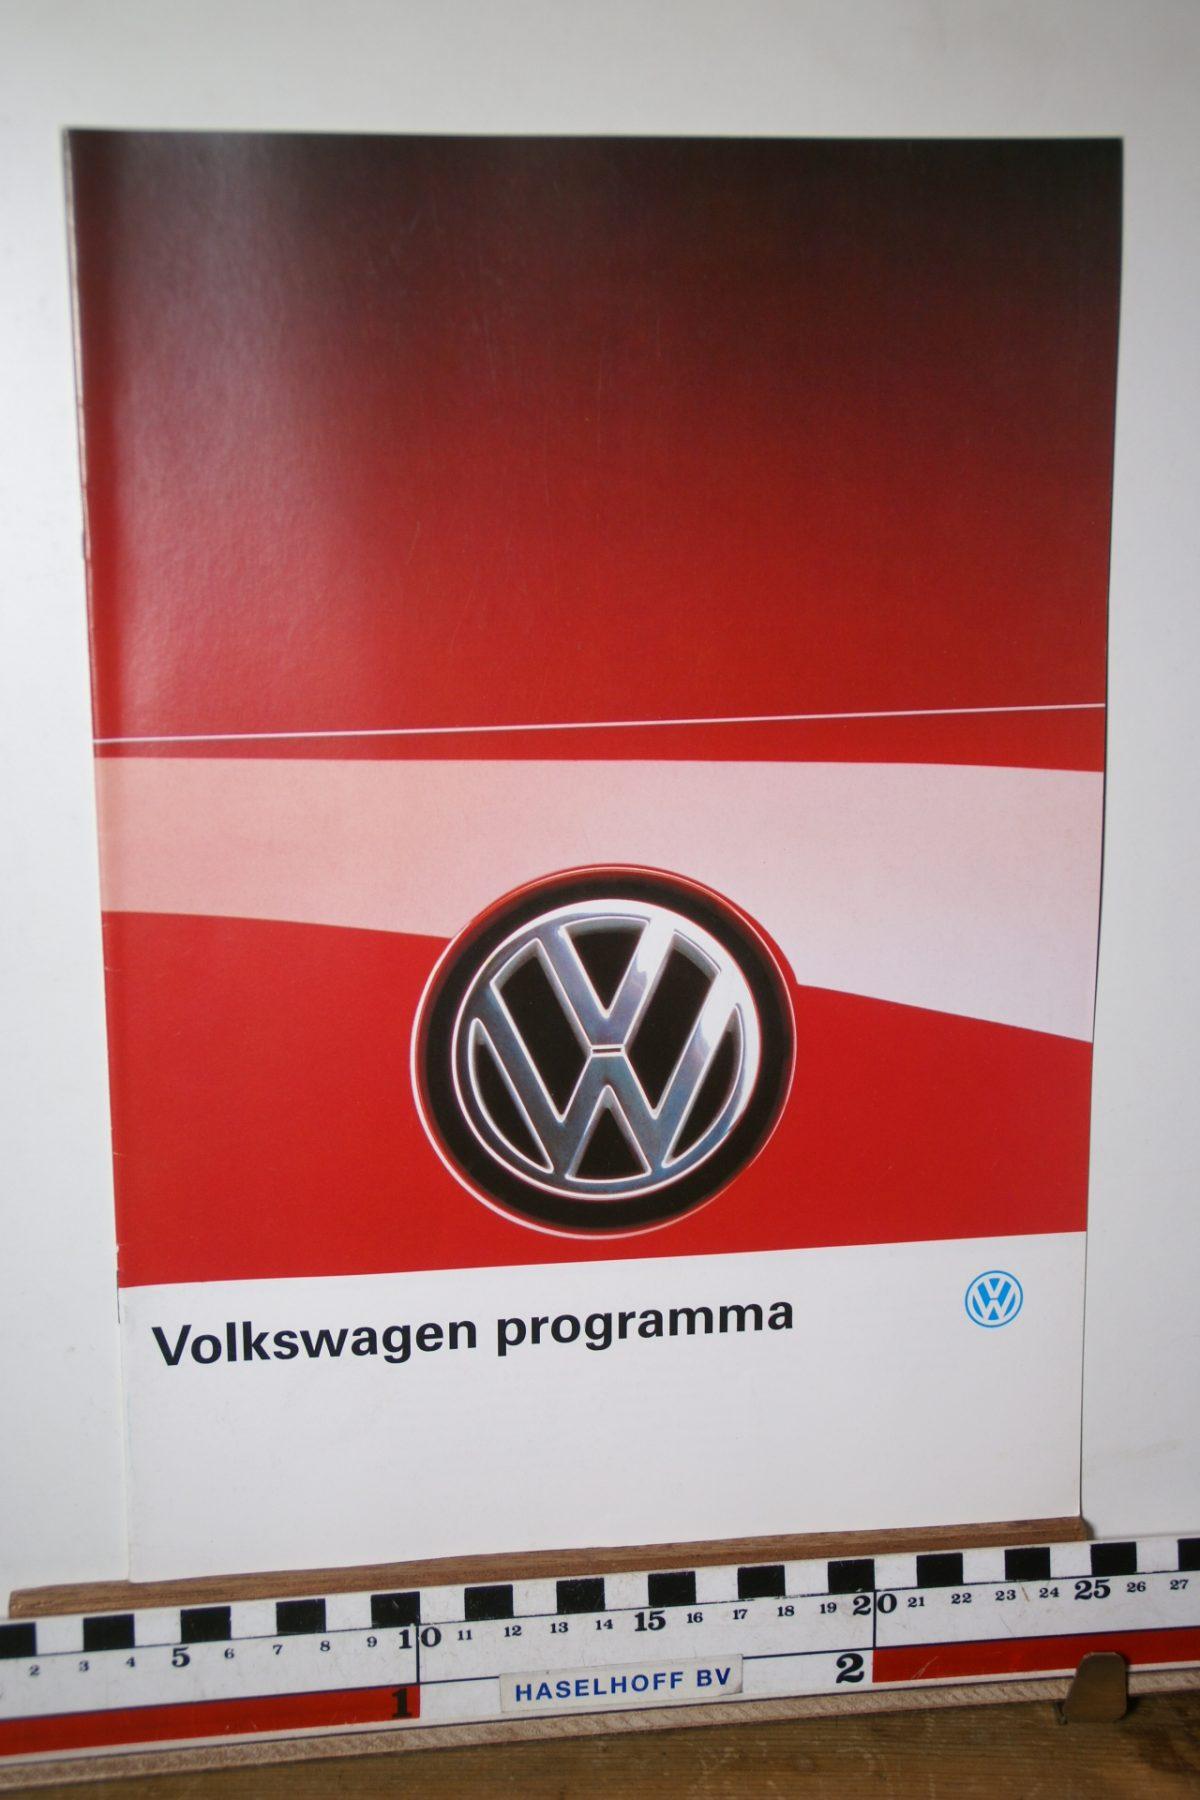 DSC02603 1989 brochure Volkswagen programma